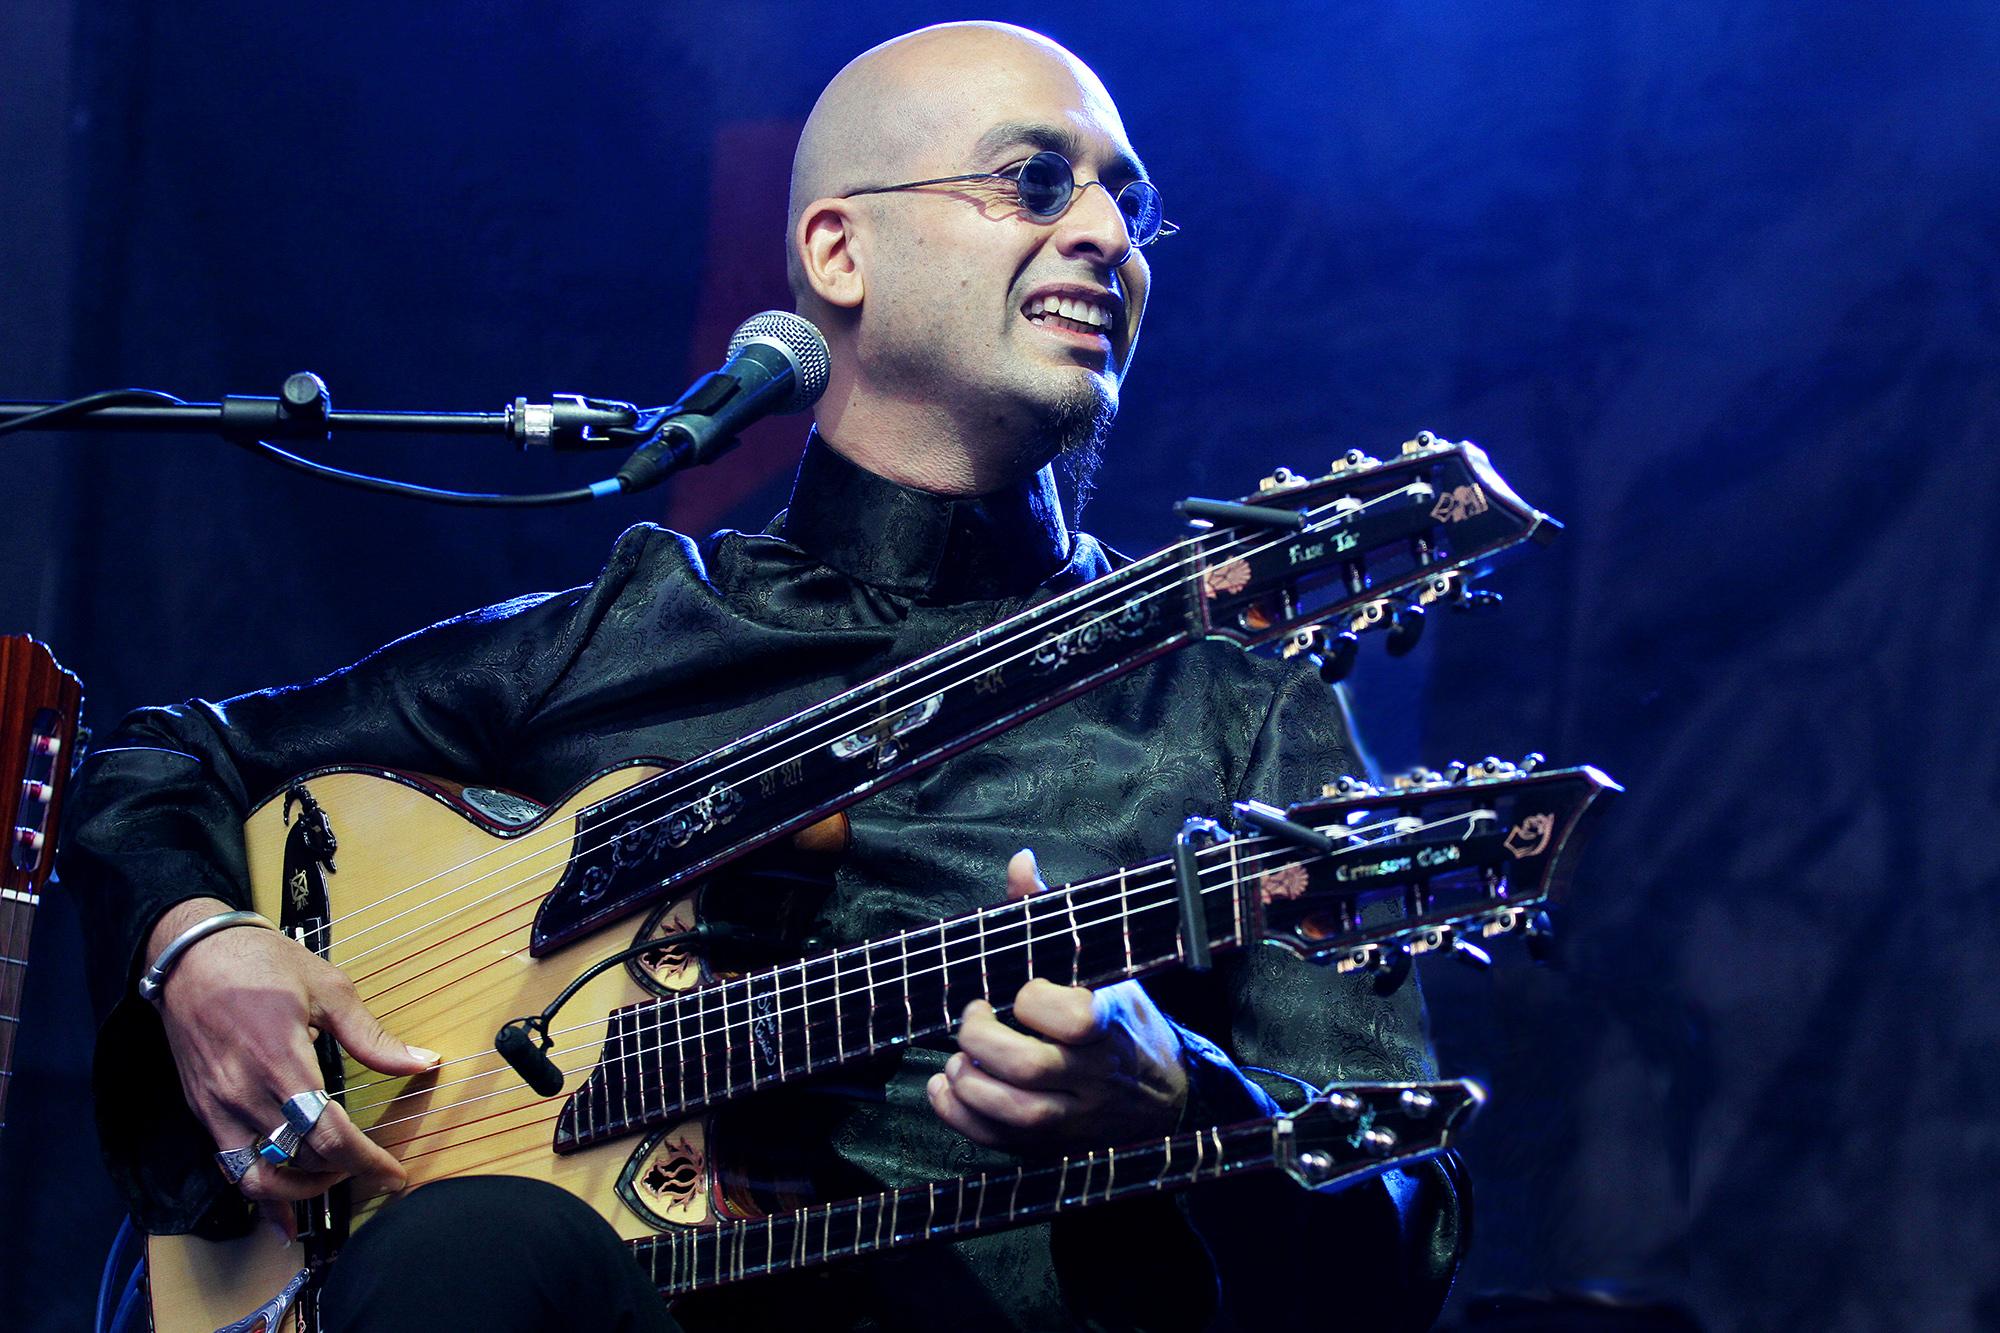 V úterý se na hradbách můžete těšit na Flamenco, které přiveze Íránský virtuóz Shahab Tolouie